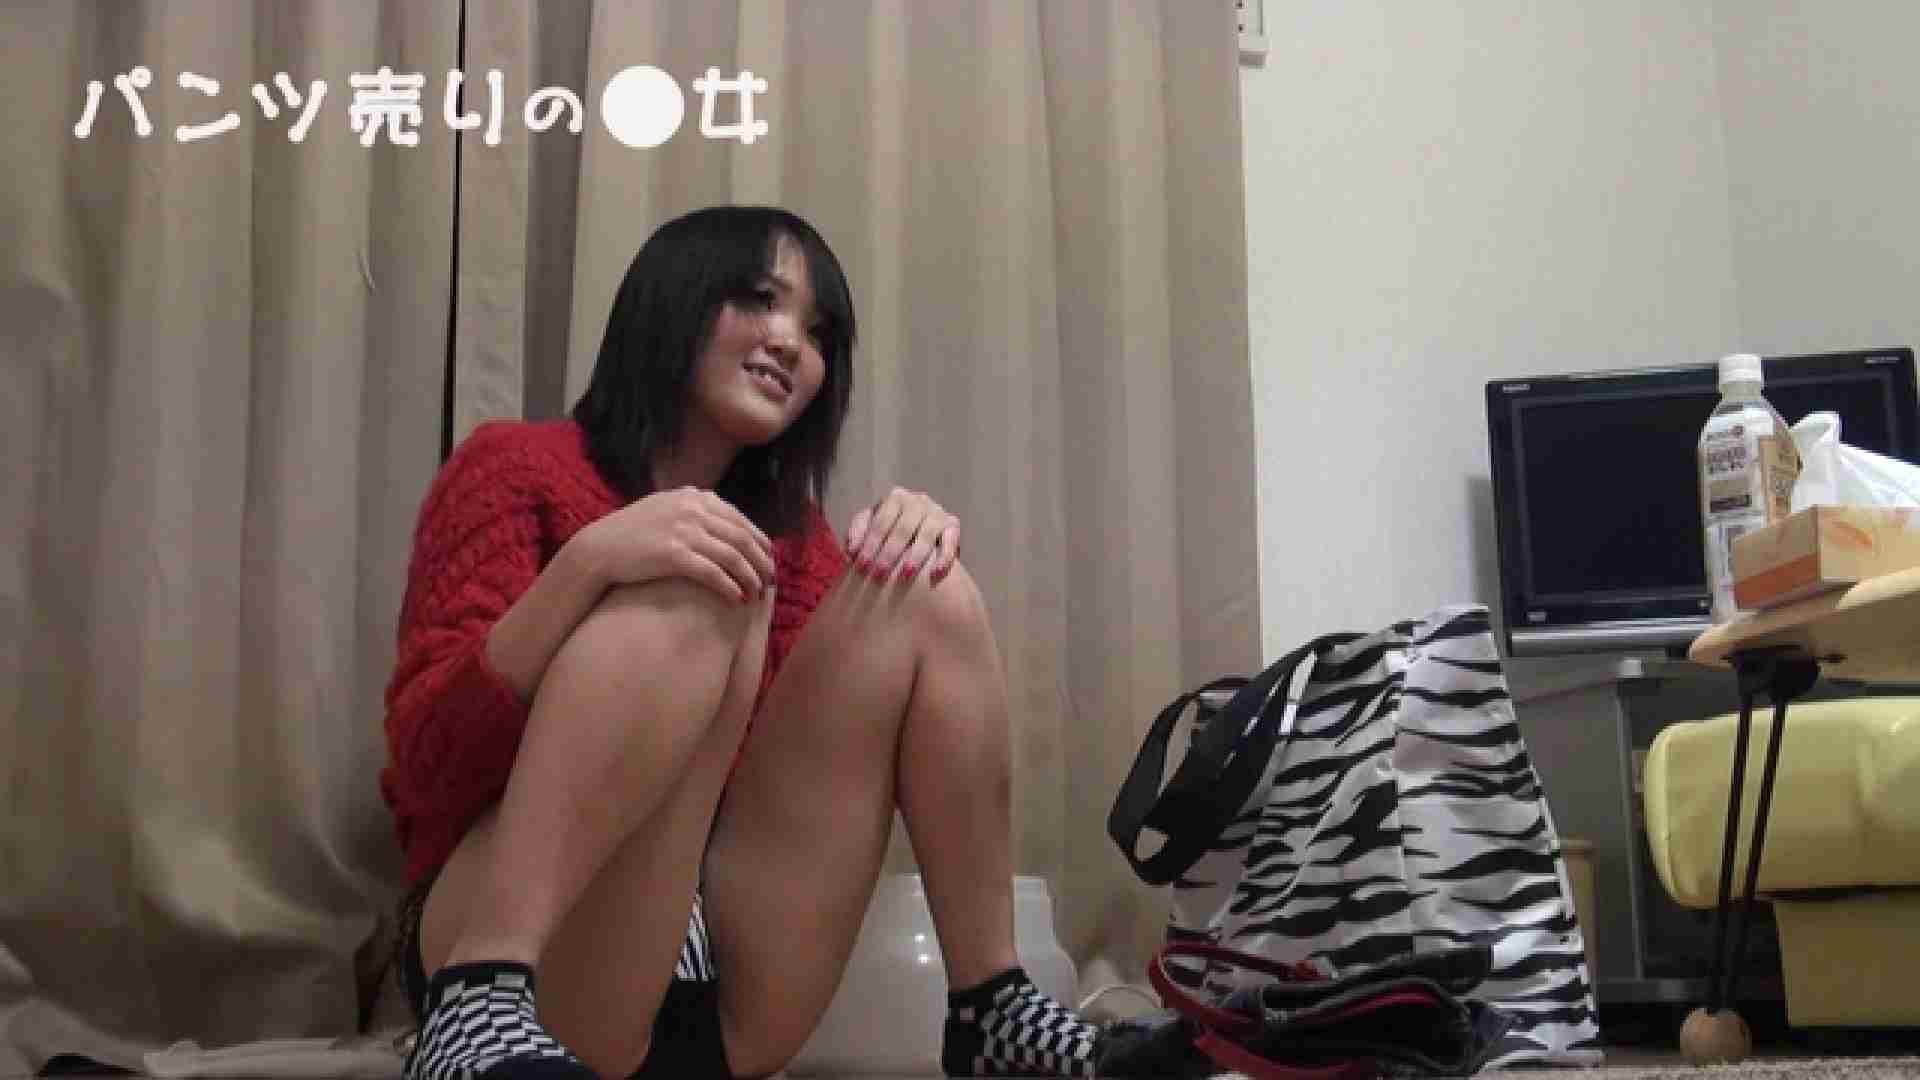 新説 パンツ売りの女の子mizuki 一般投稿  83pic 46